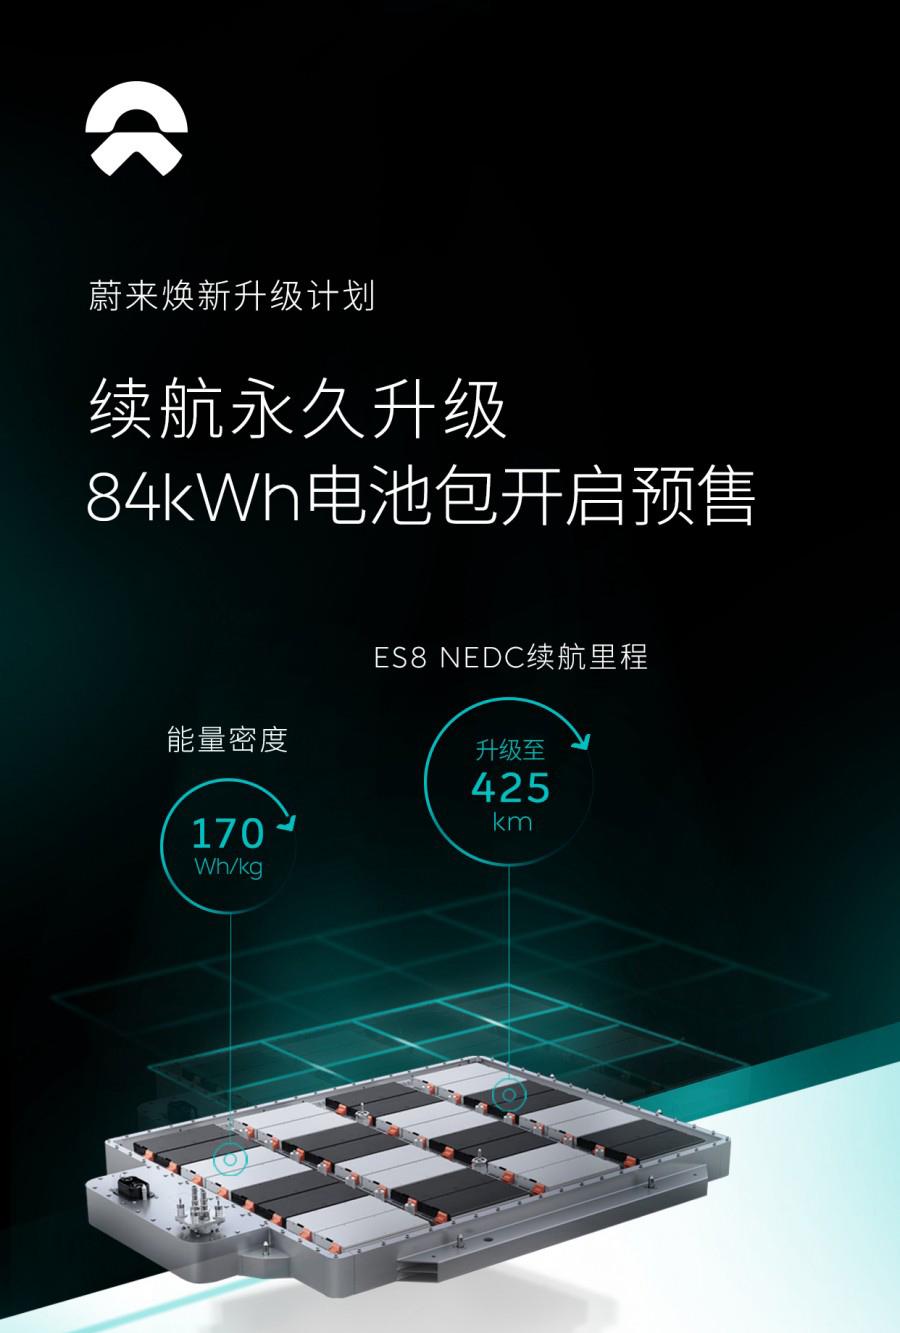 蔚来推焕新升级计划 可选84kWh电池包